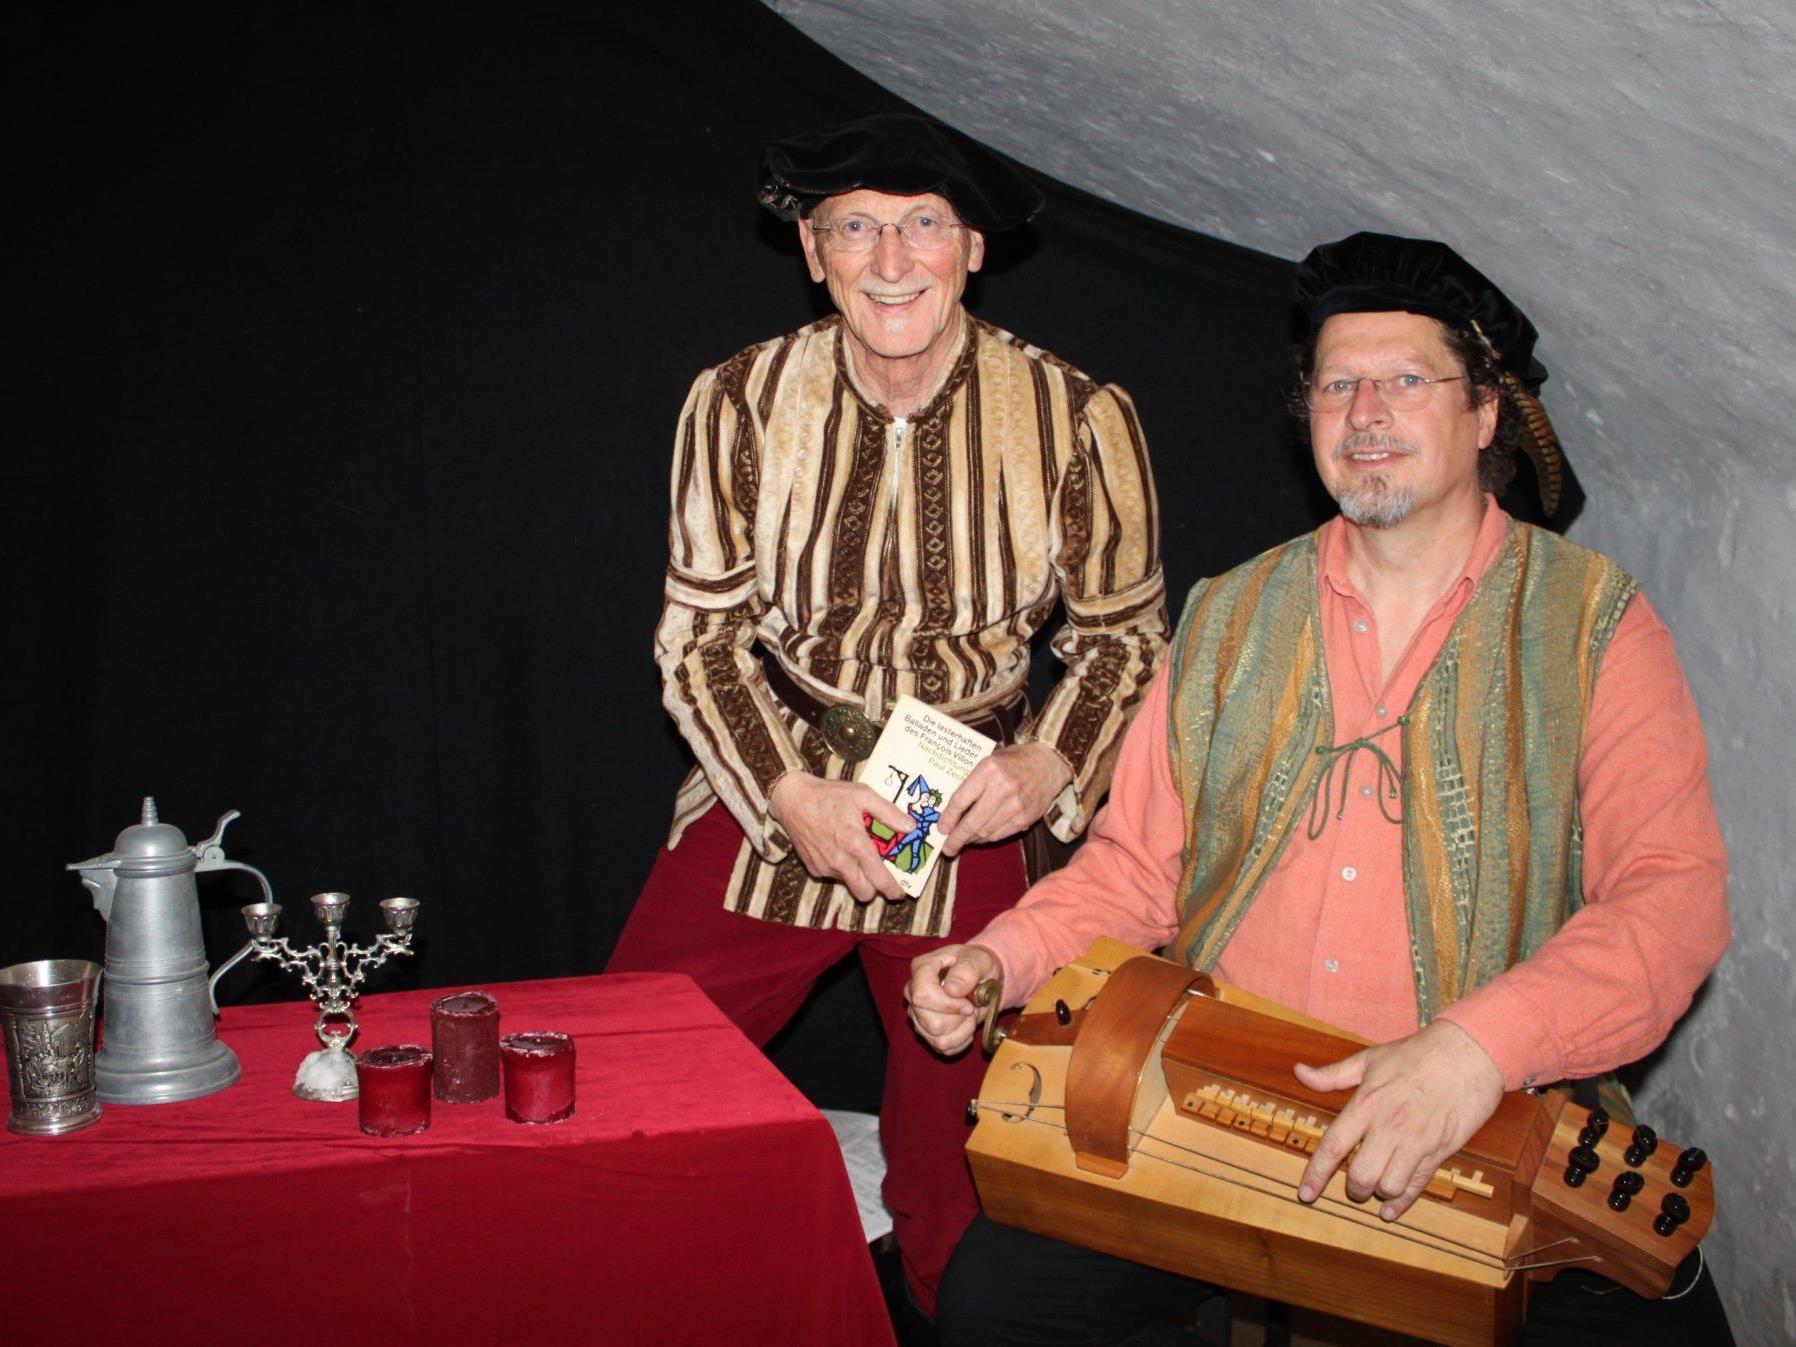 Werner Ritschel und Stefan Schuler entführten die Kunstkeller-Besucher ins Mittelalter.